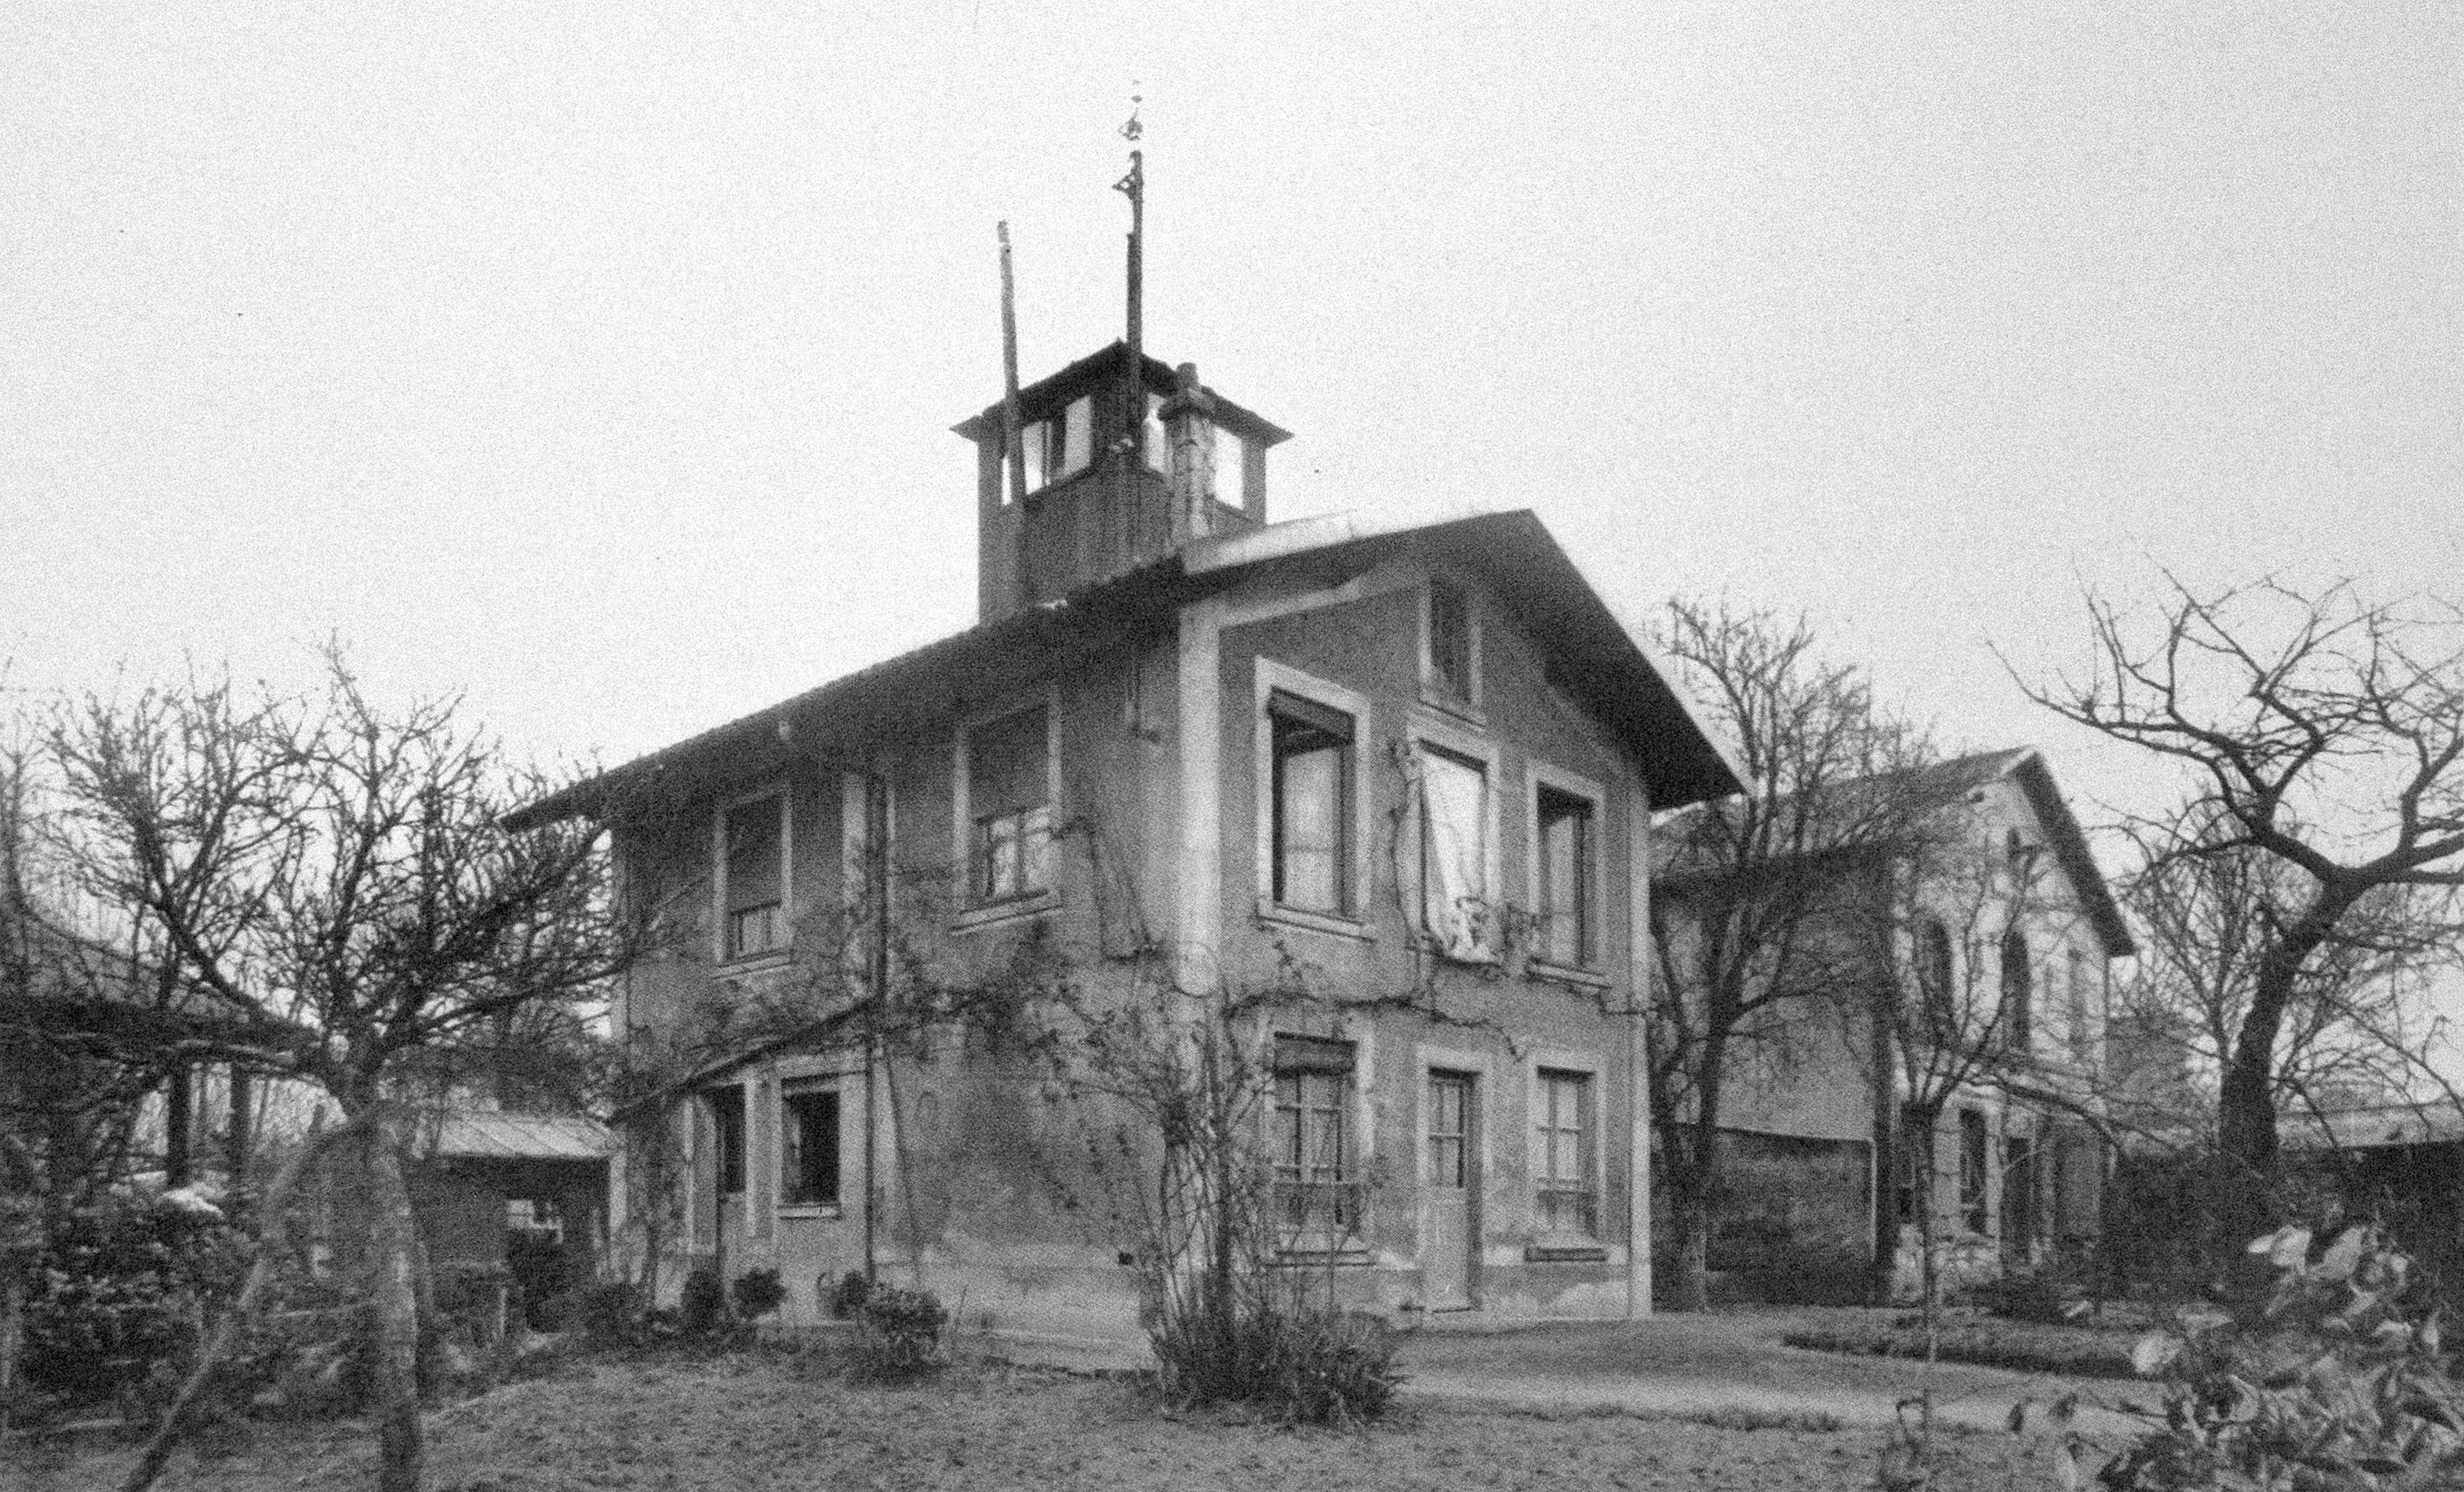 Ile Seguin Les 2 principaux bâtiments de la propriété Lambert -1923_Renault com